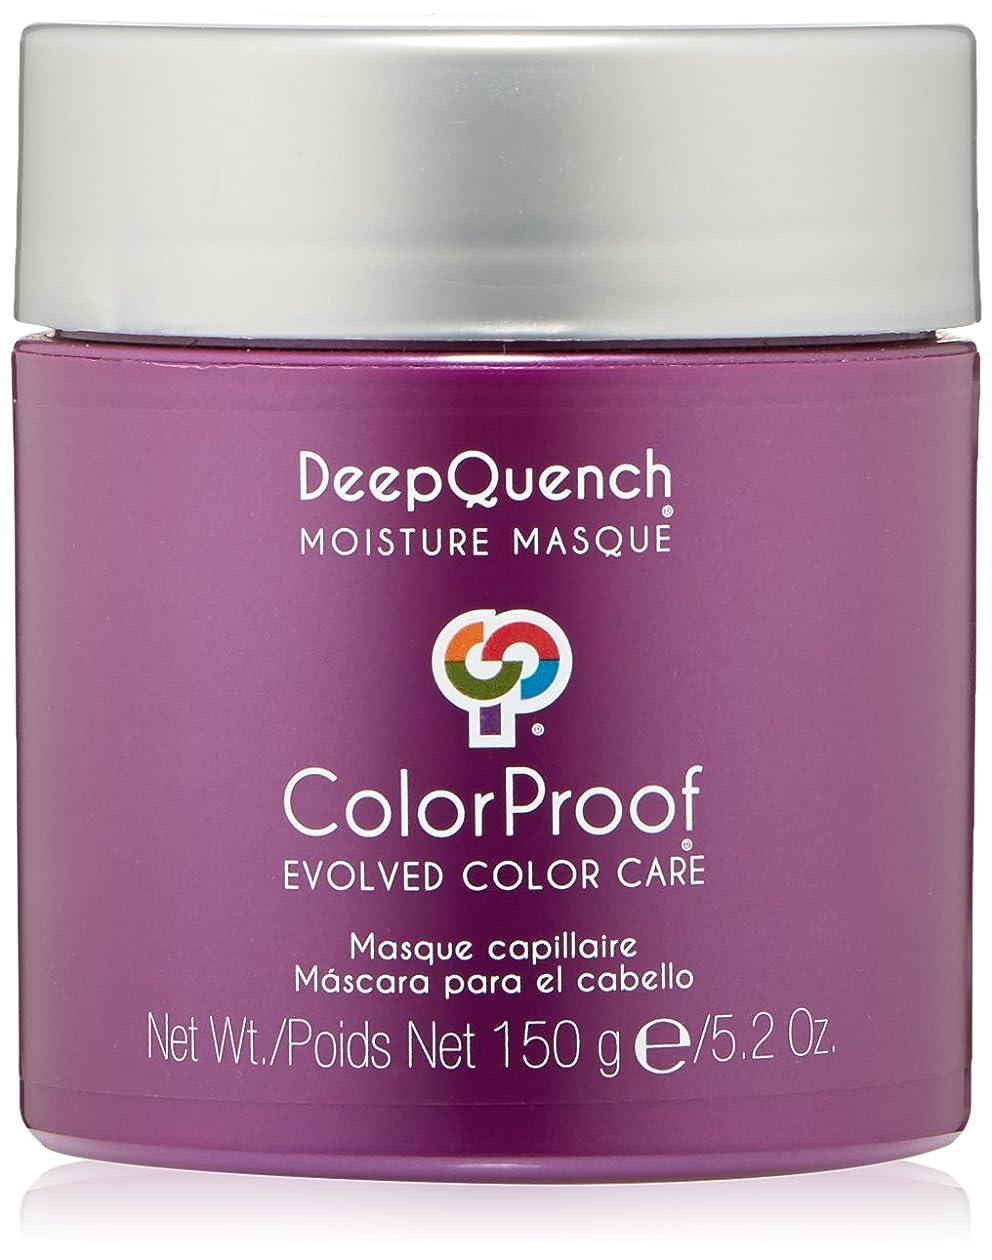 信頼性繰り返したがっかりするColorProof Evolved Color Care ColorProof色ケア当局ディープモイスチャークエンチ仮面劇、5.2オズ 5.2オンス 紫の